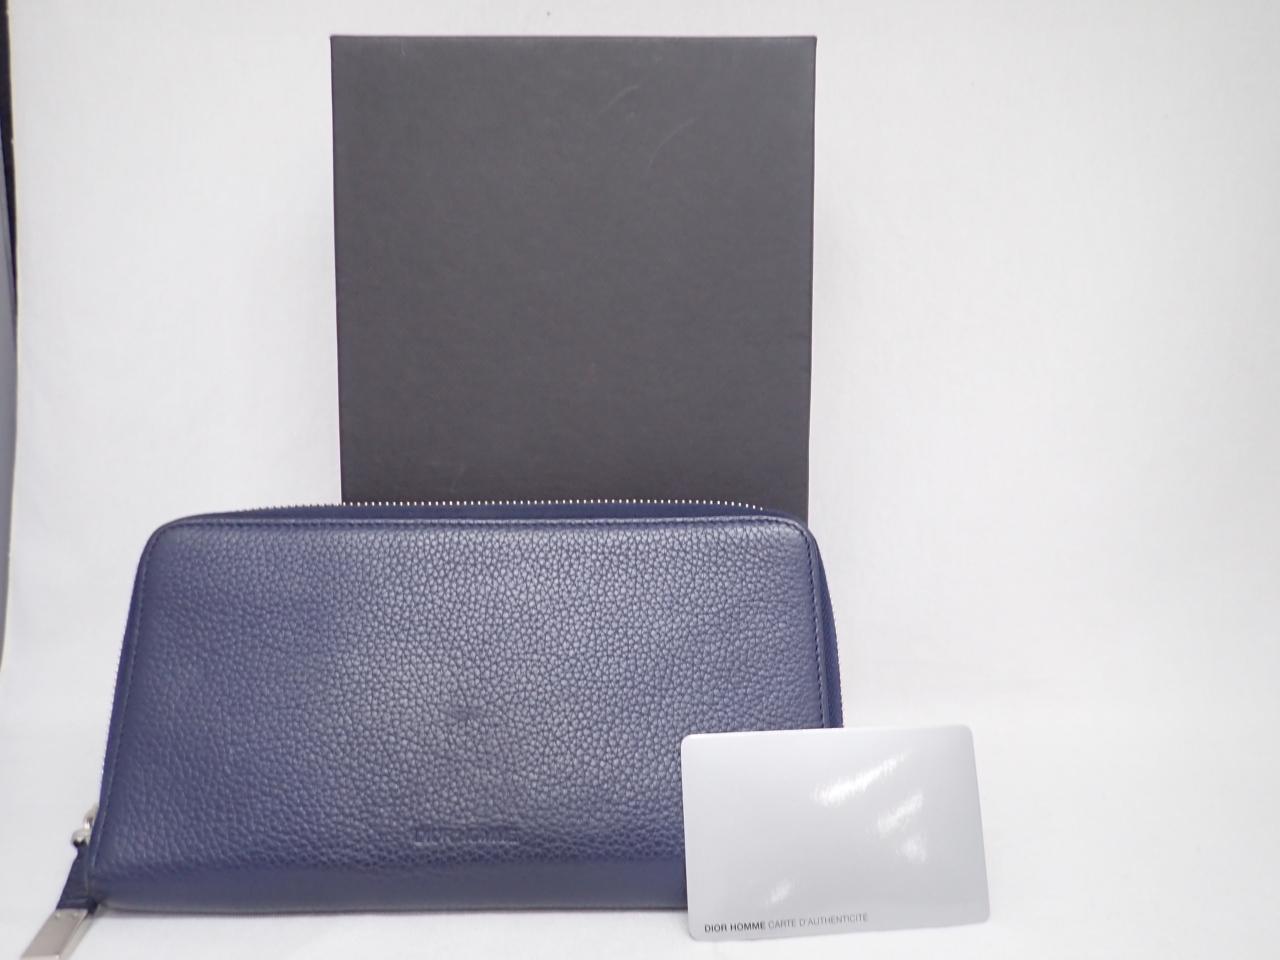 ディオールオム長財布